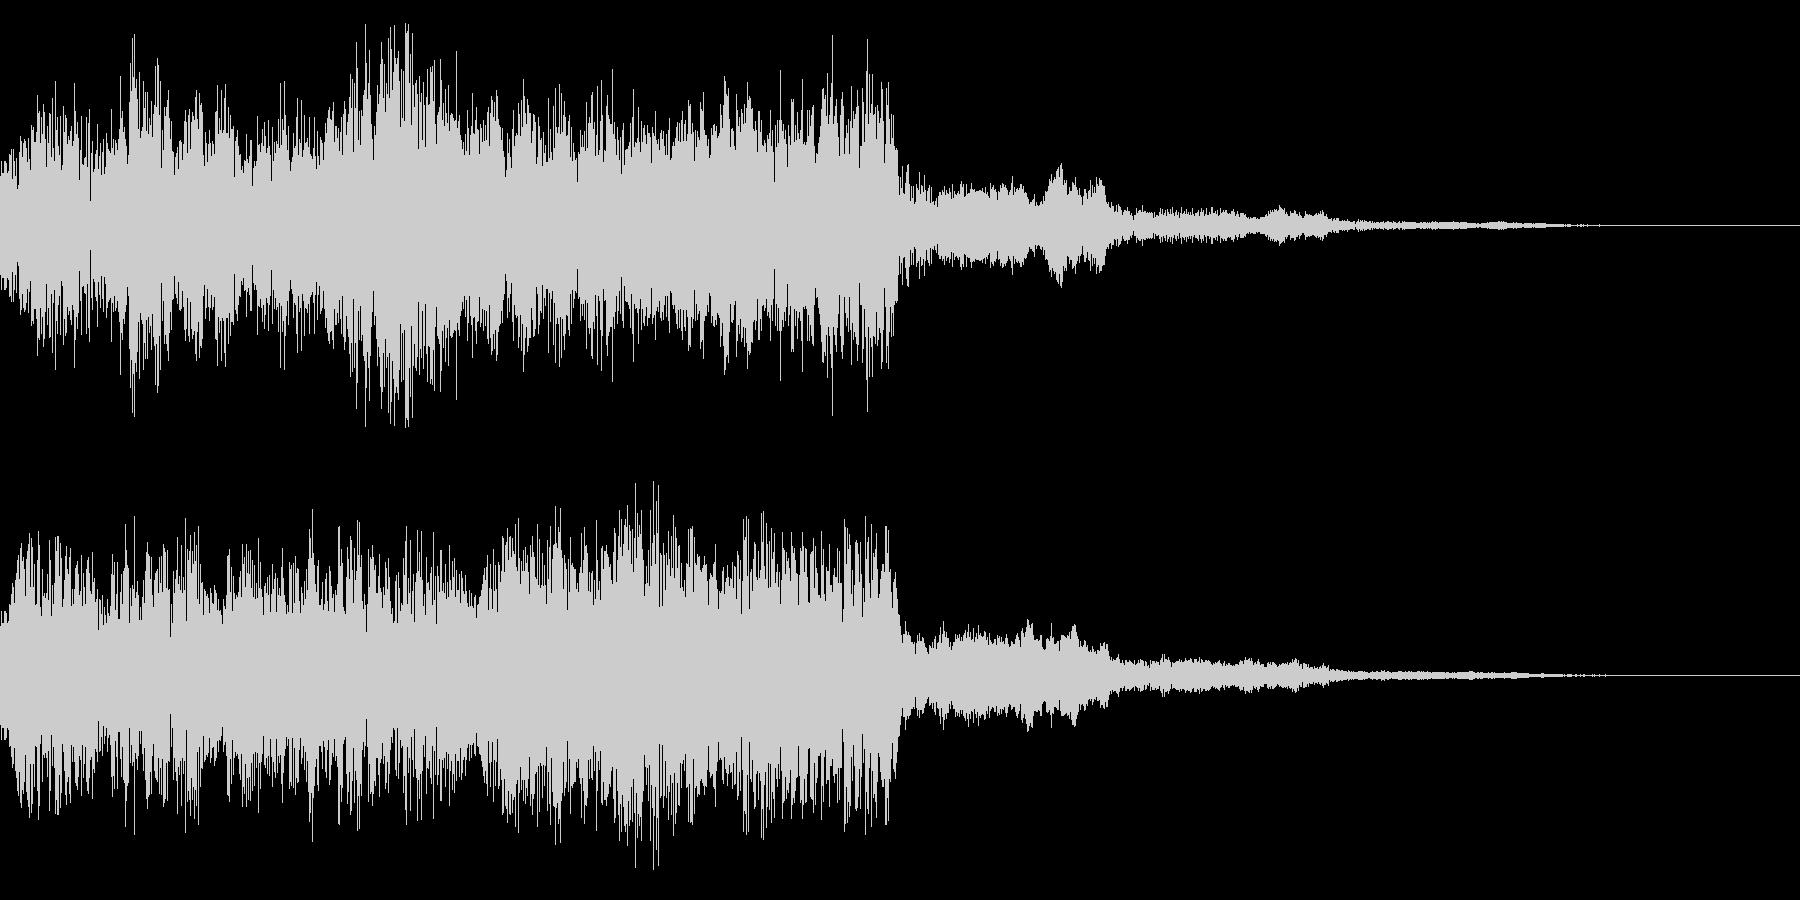 レトロなステージクリア音 ゲームクリア音の未再生の波形